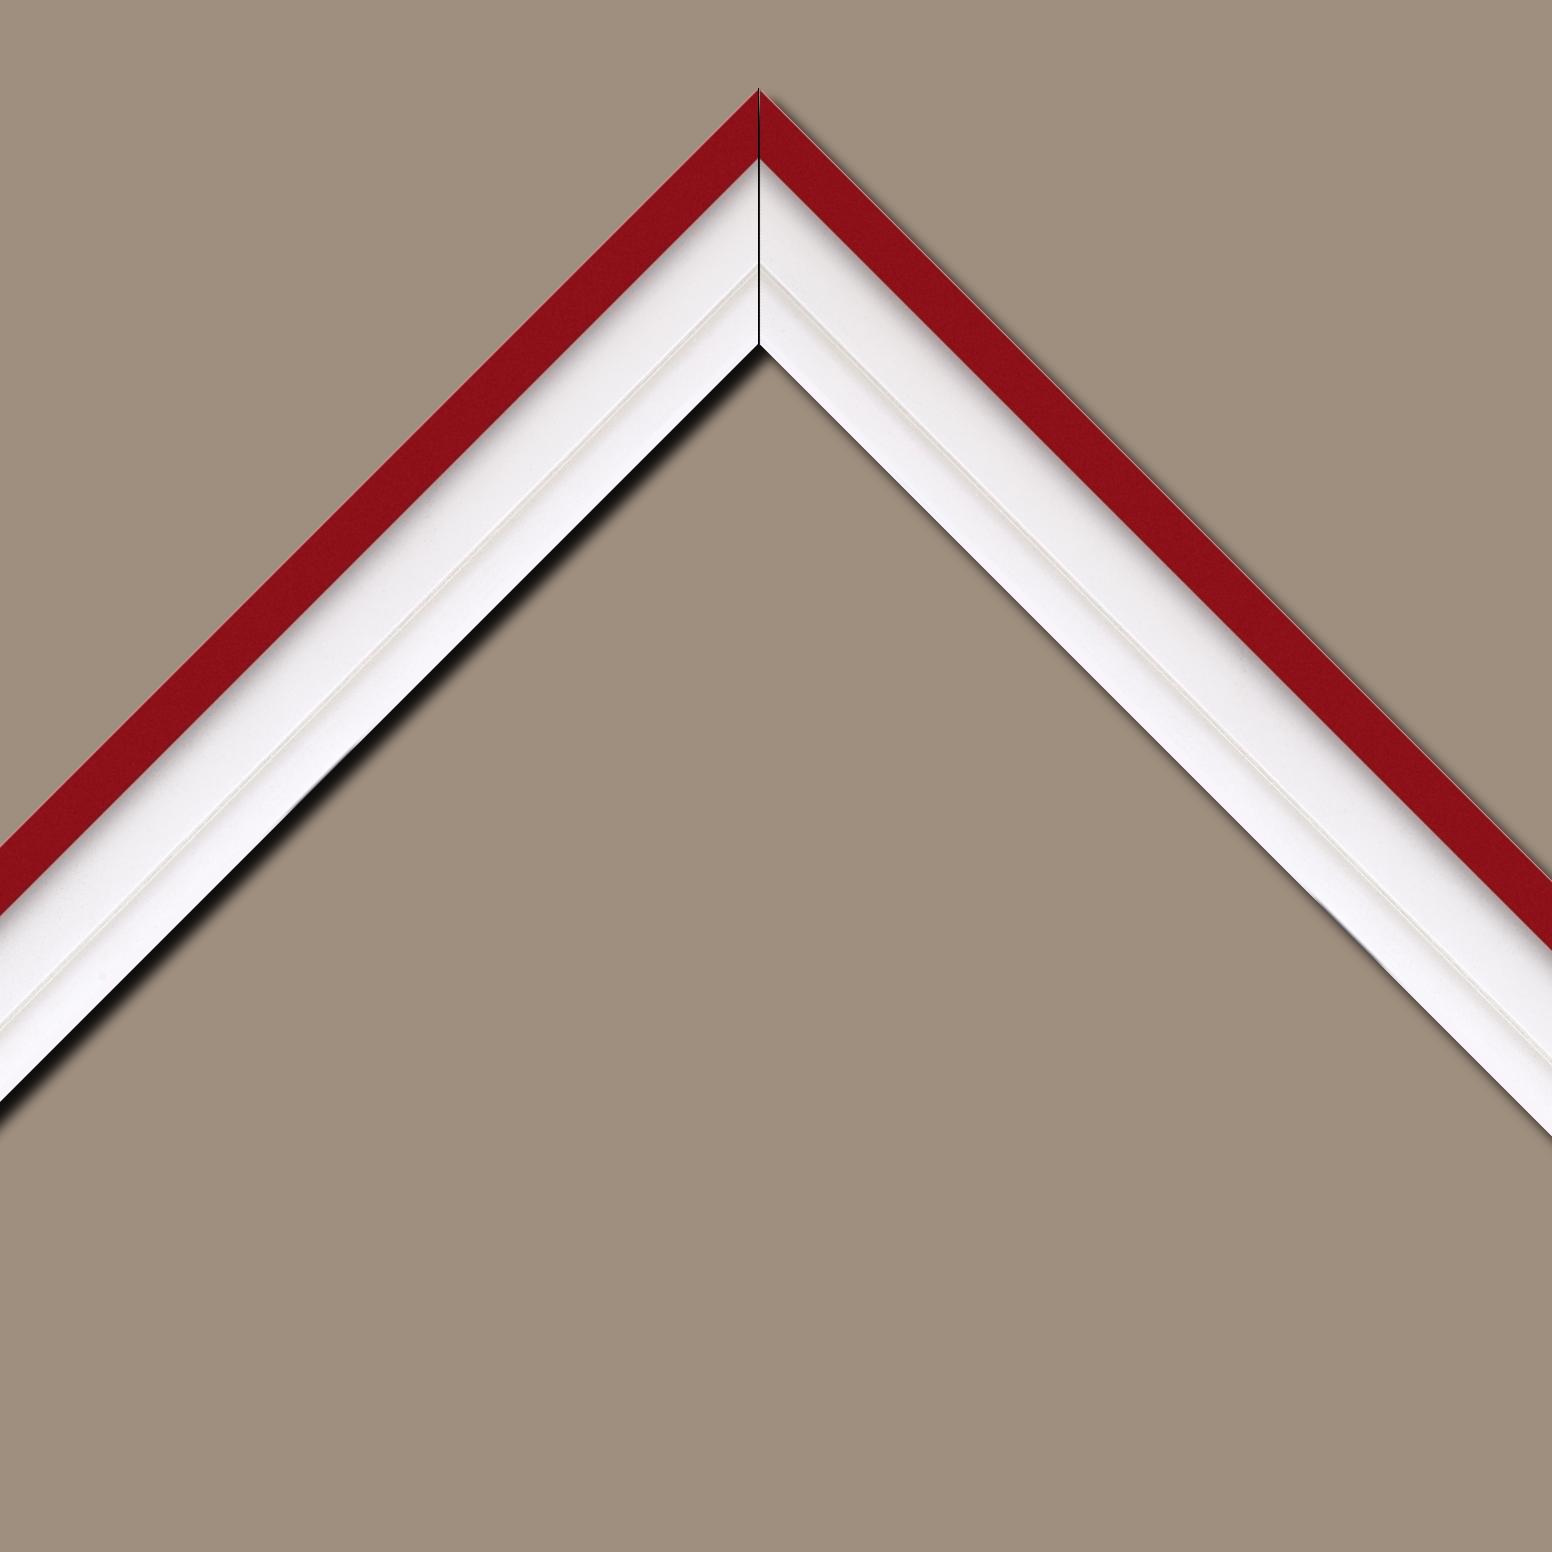 Baguette bois caisse américaine profil escalier largeur 4.4cm blanc mat filet rouge (spécialement conçu pour les châssis d'une épaisseur jusqu'à 2.5cm )